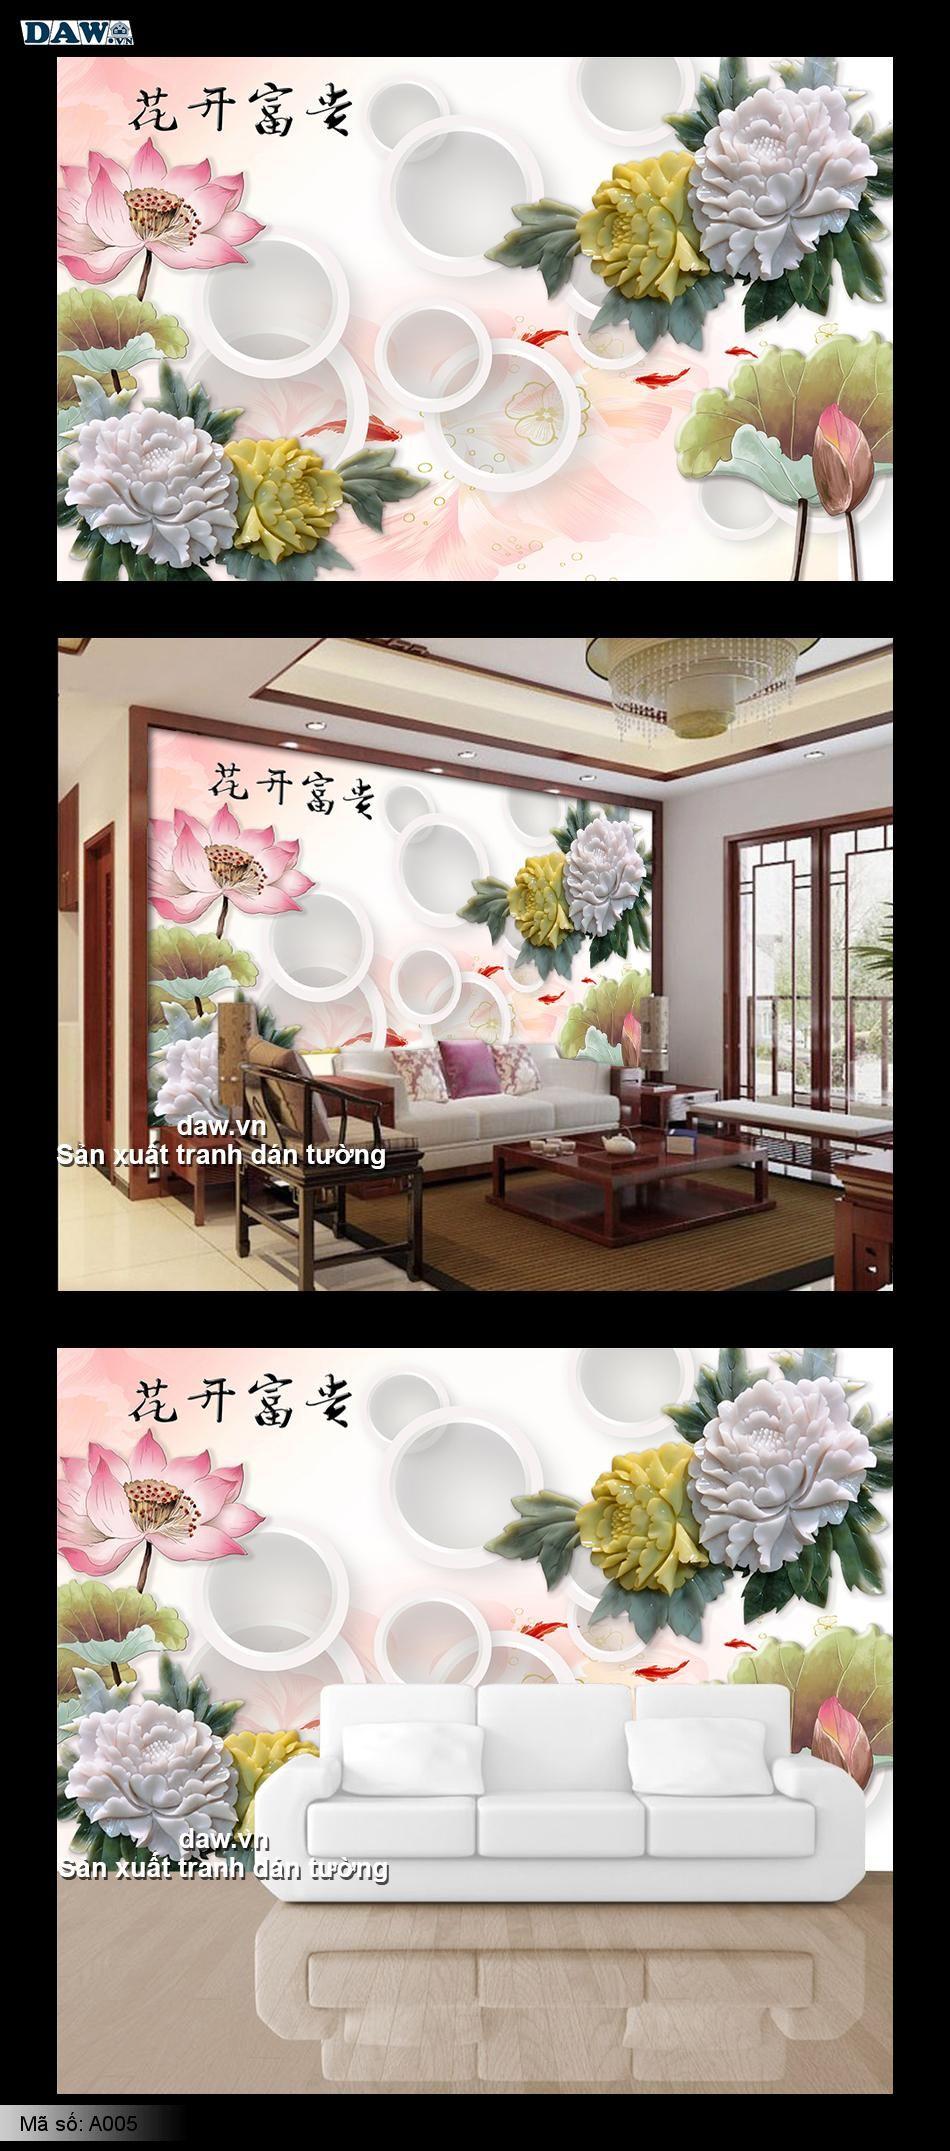 Tranh dán tường 3D, tranh dán tường hoa sen, tranh dán tường hoa mẫu đơn, Tranh dán tường Hàn Quốc, phòng ngủ, phòng khách , DAW, A005